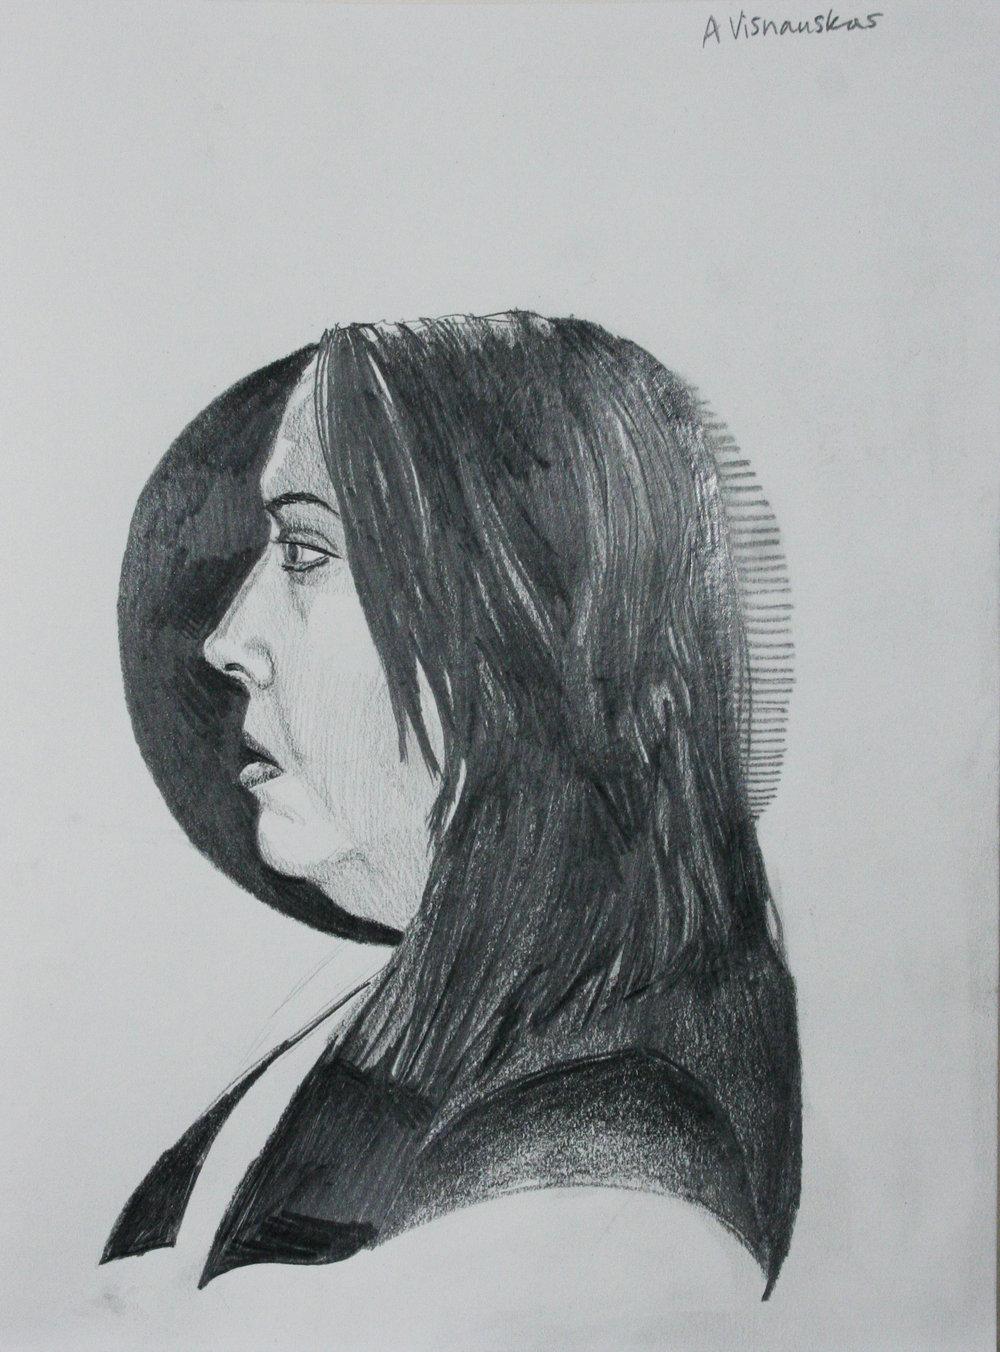 Amelia Visnauskas did this two hour drawing.